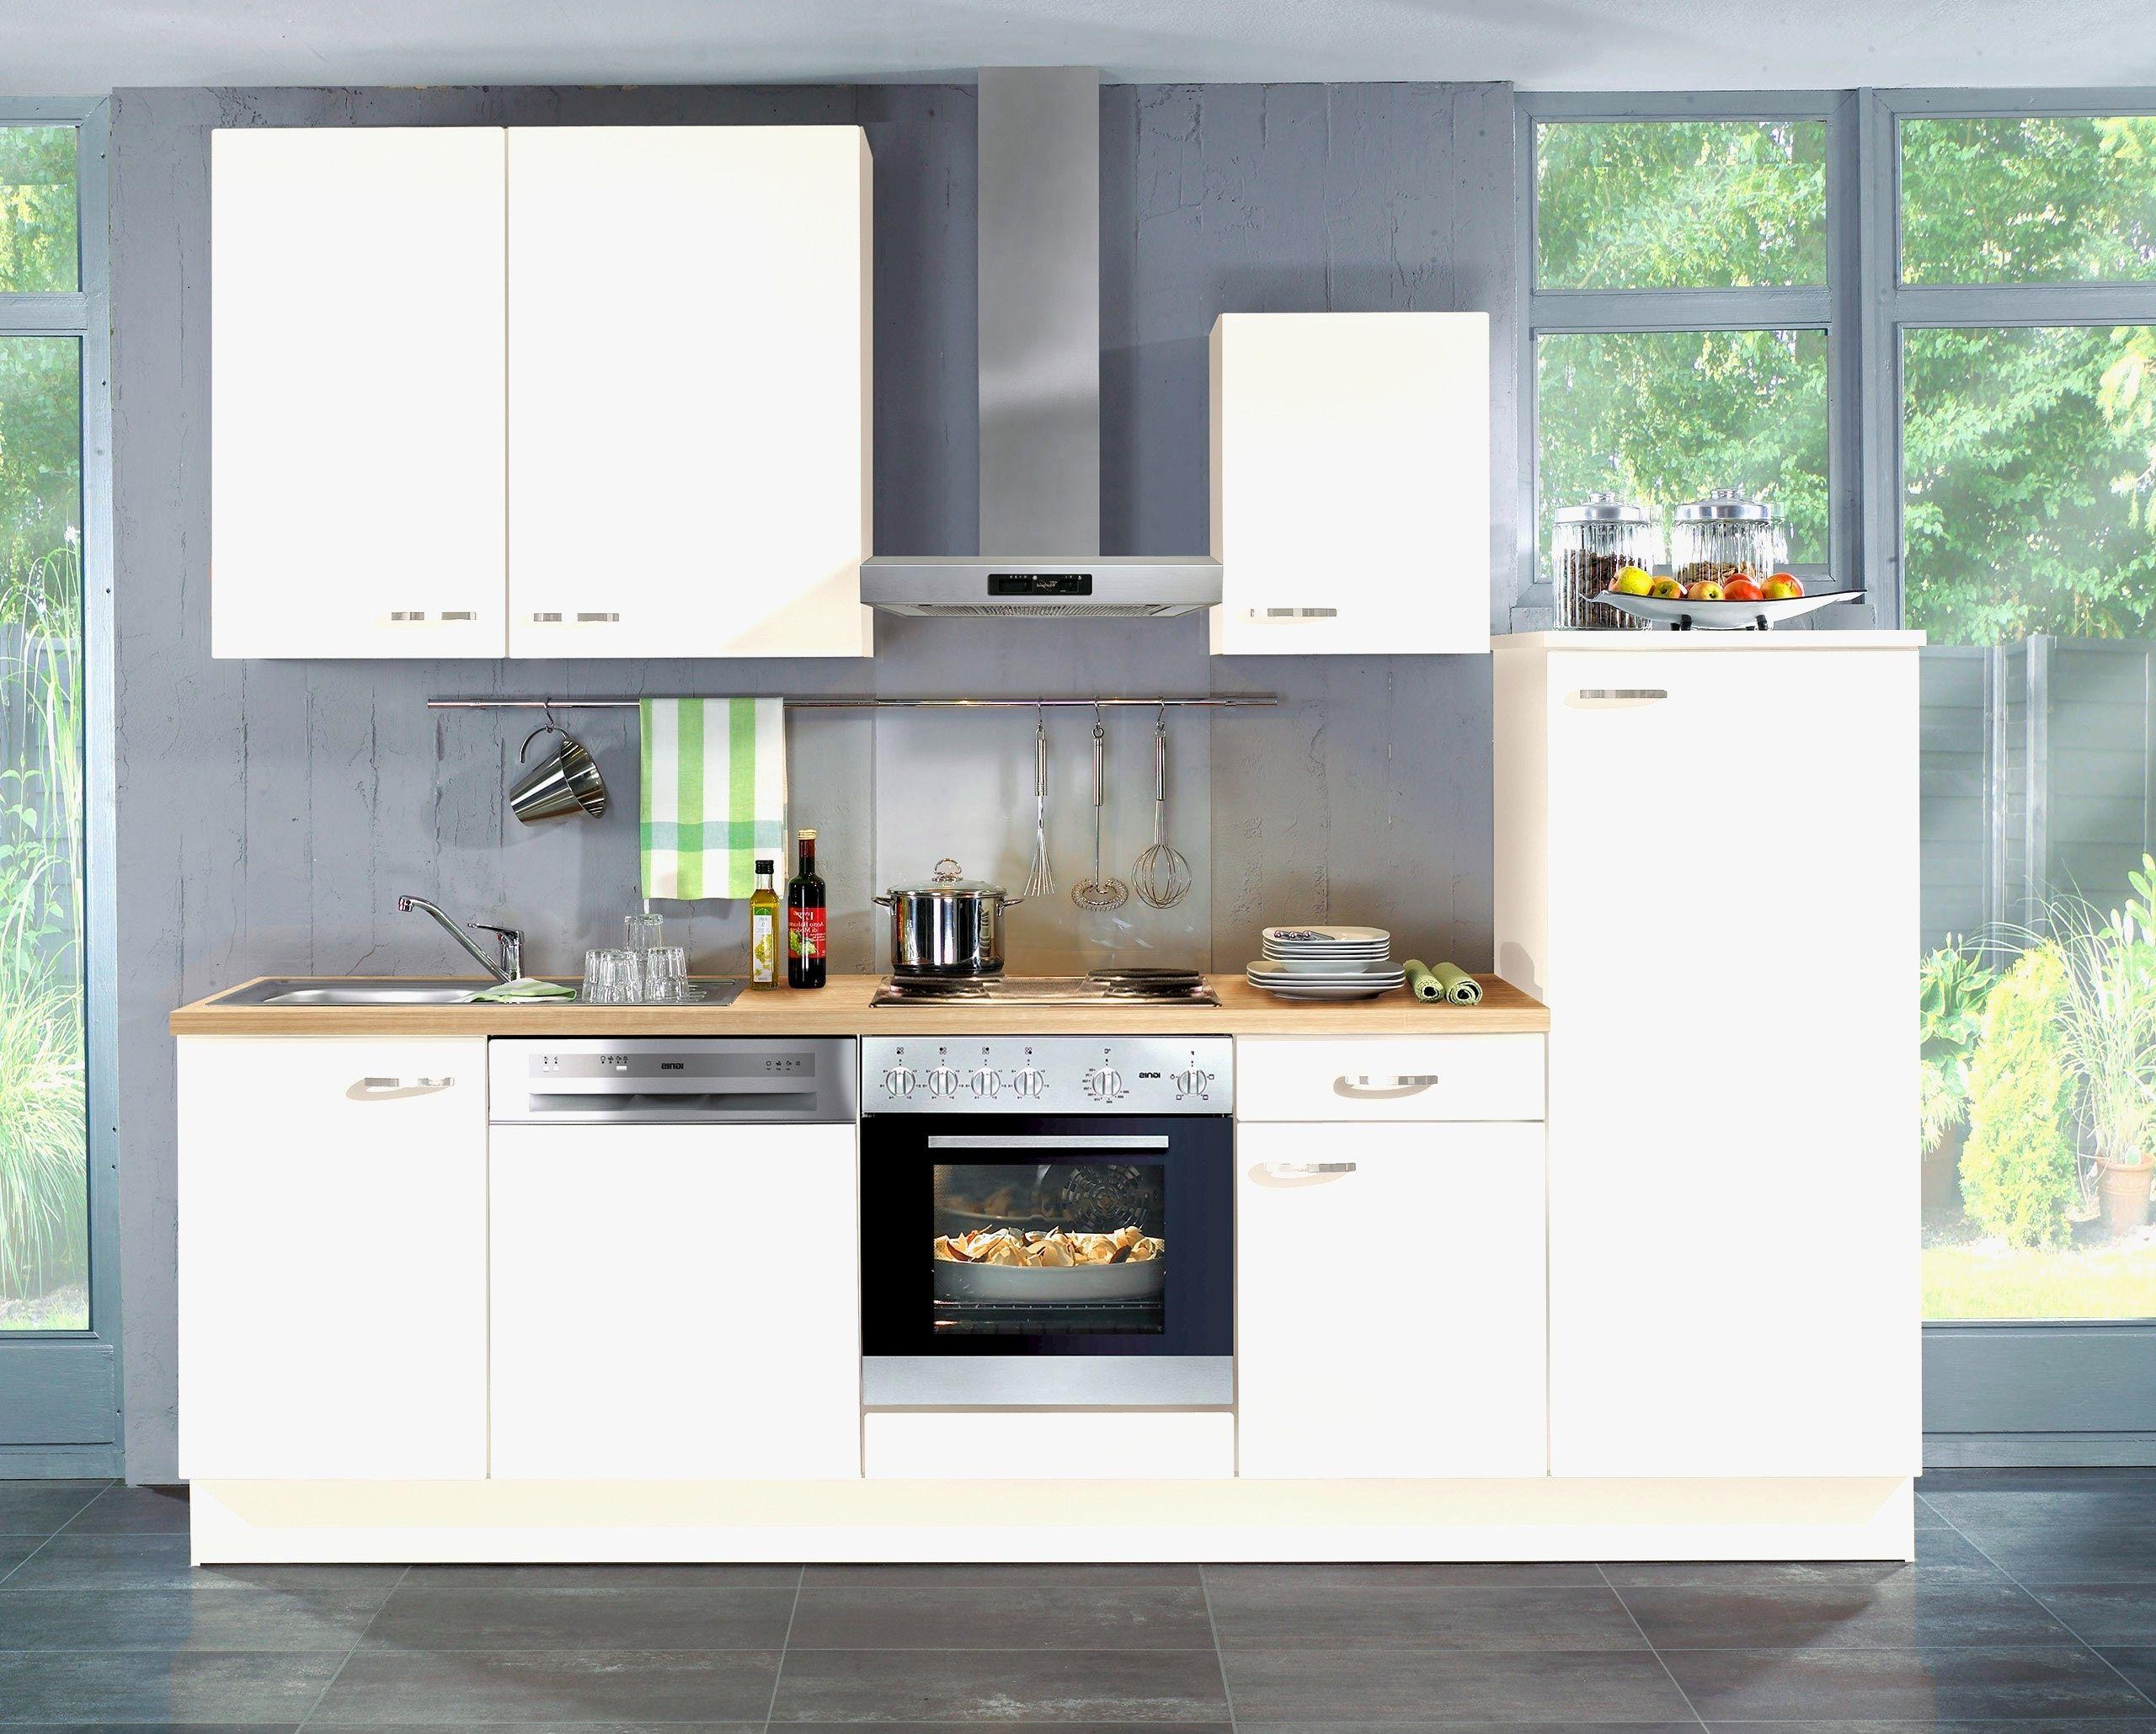 Full Size of Ikea Küchenzeile 49 Genial Kche Eigene Elektrogerte Billige Kchen Betten Bei Küche Kaufen Modulküche Kosten Sofa Mit Schlaffunktion 160x200 Miniküche Wohnzimmer Ikea Küchenzeile